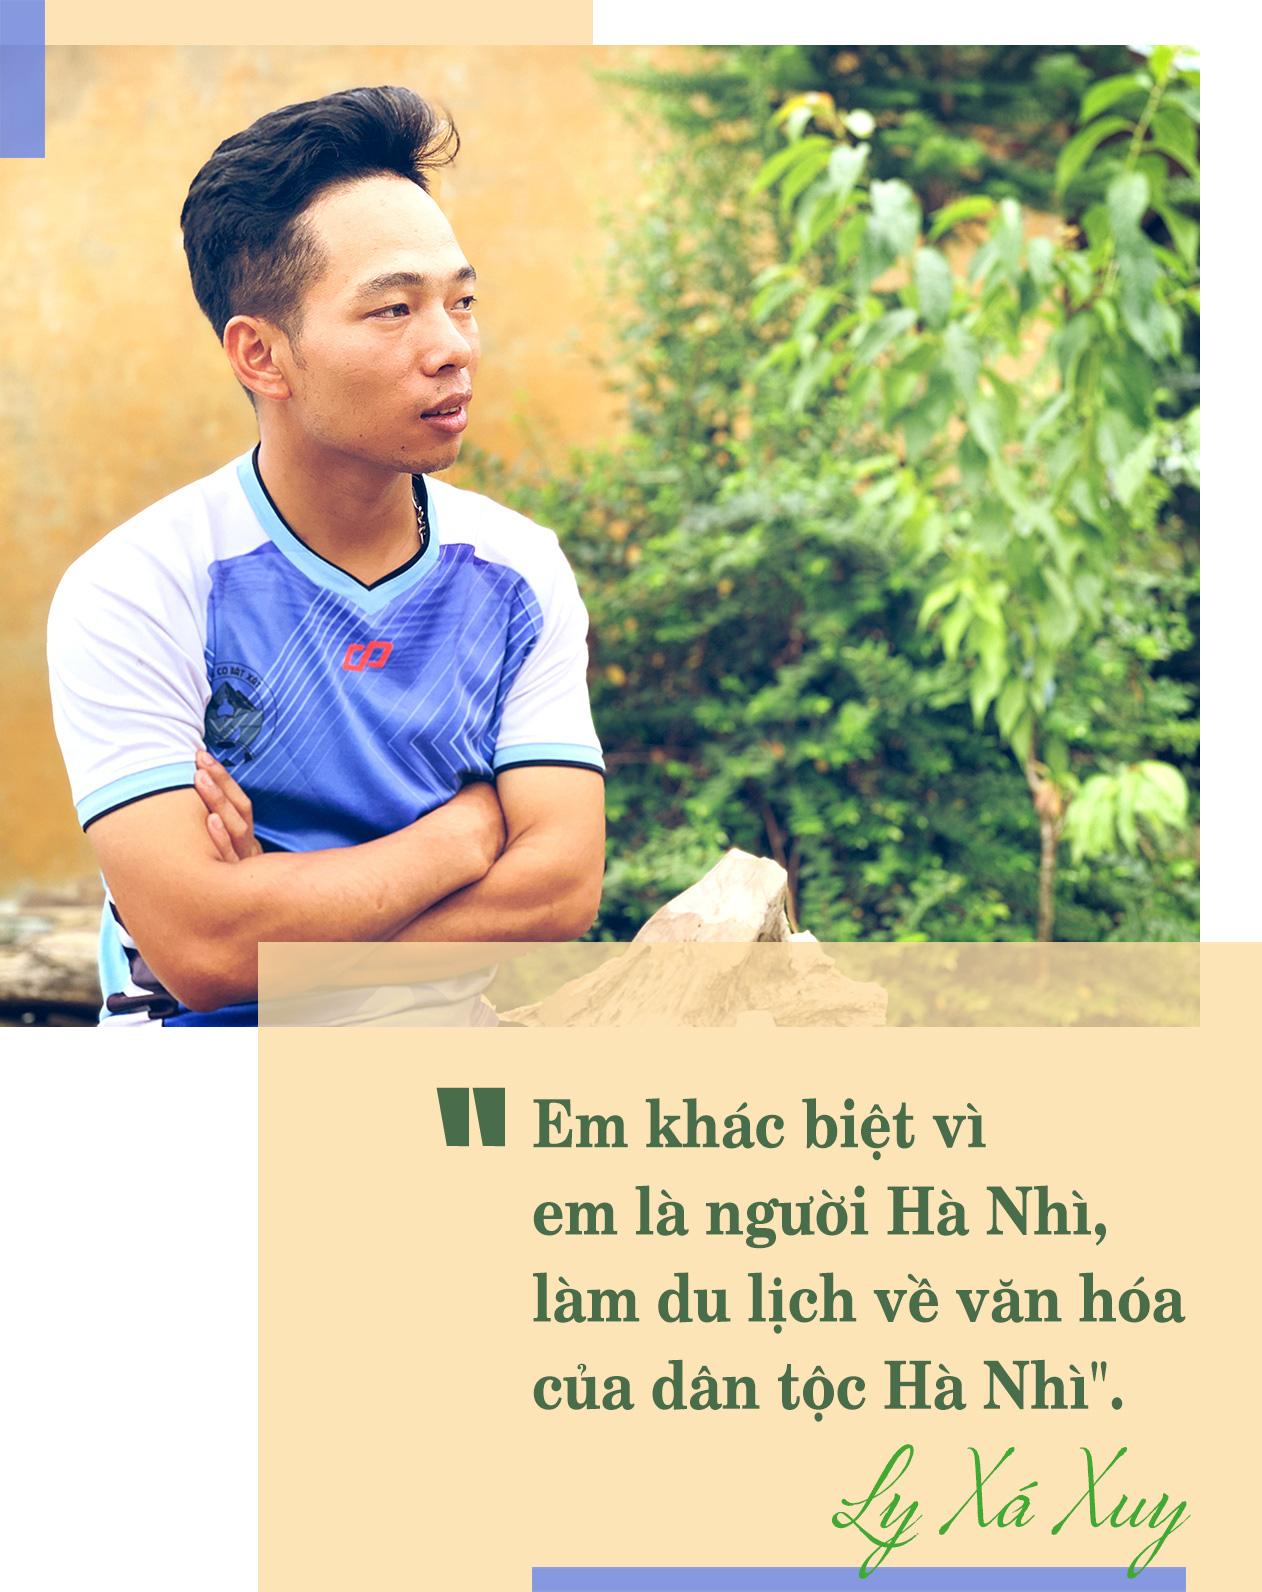 Ly Xá Xuy và câu chuyện người Hà Nhì làm du lịch ở Y Tý - Ảnh 4.